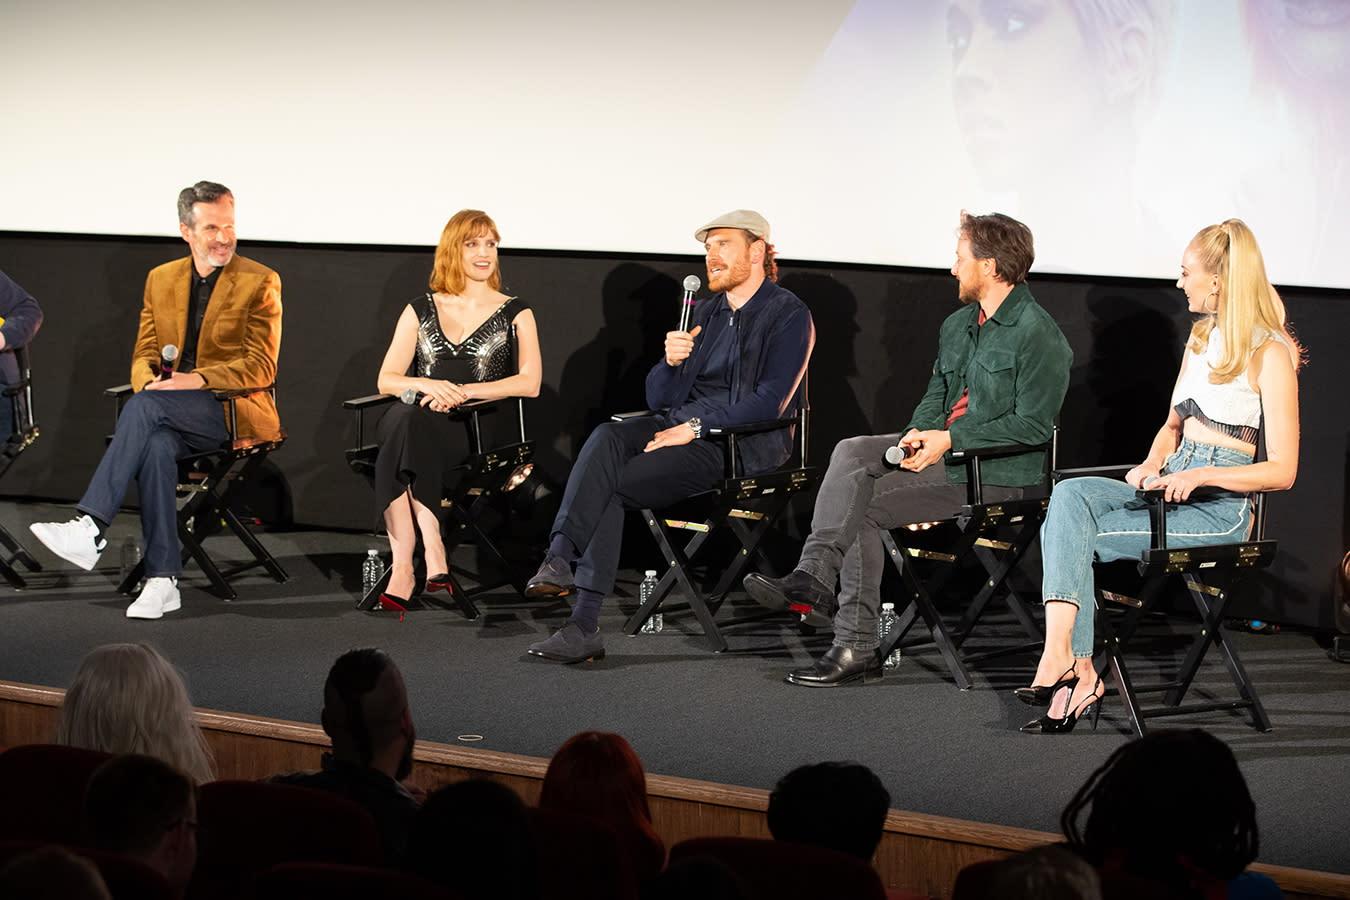 這是有關《X戰警》系列電影中深受喜愛的成員琴葛雷(蘇菲特納飾)的故事,劇情描述她逐漸黑化為經典角色黑鳳凰的過程。